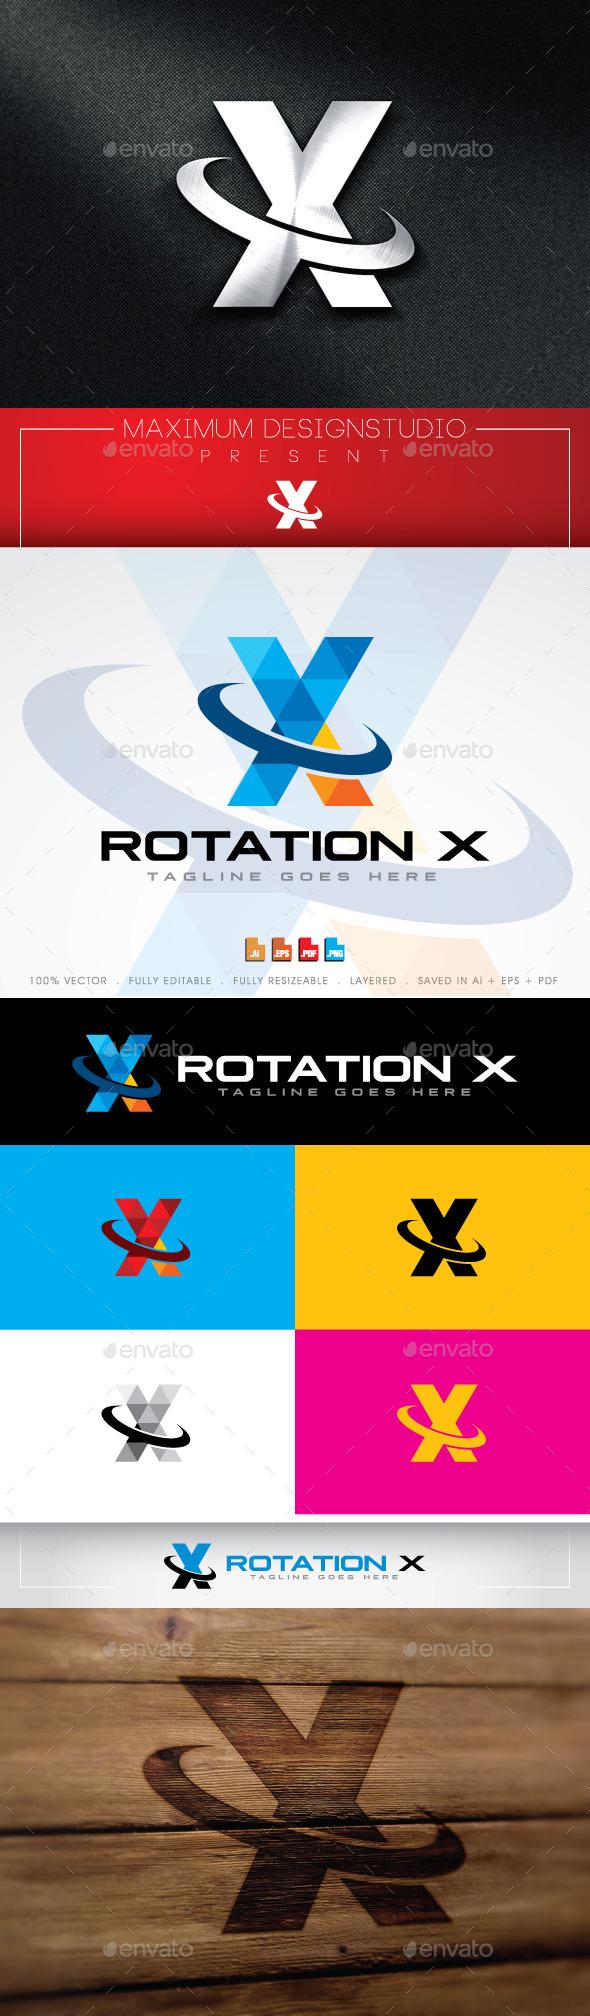 GraphicRiver Rotation X Logo 11042735